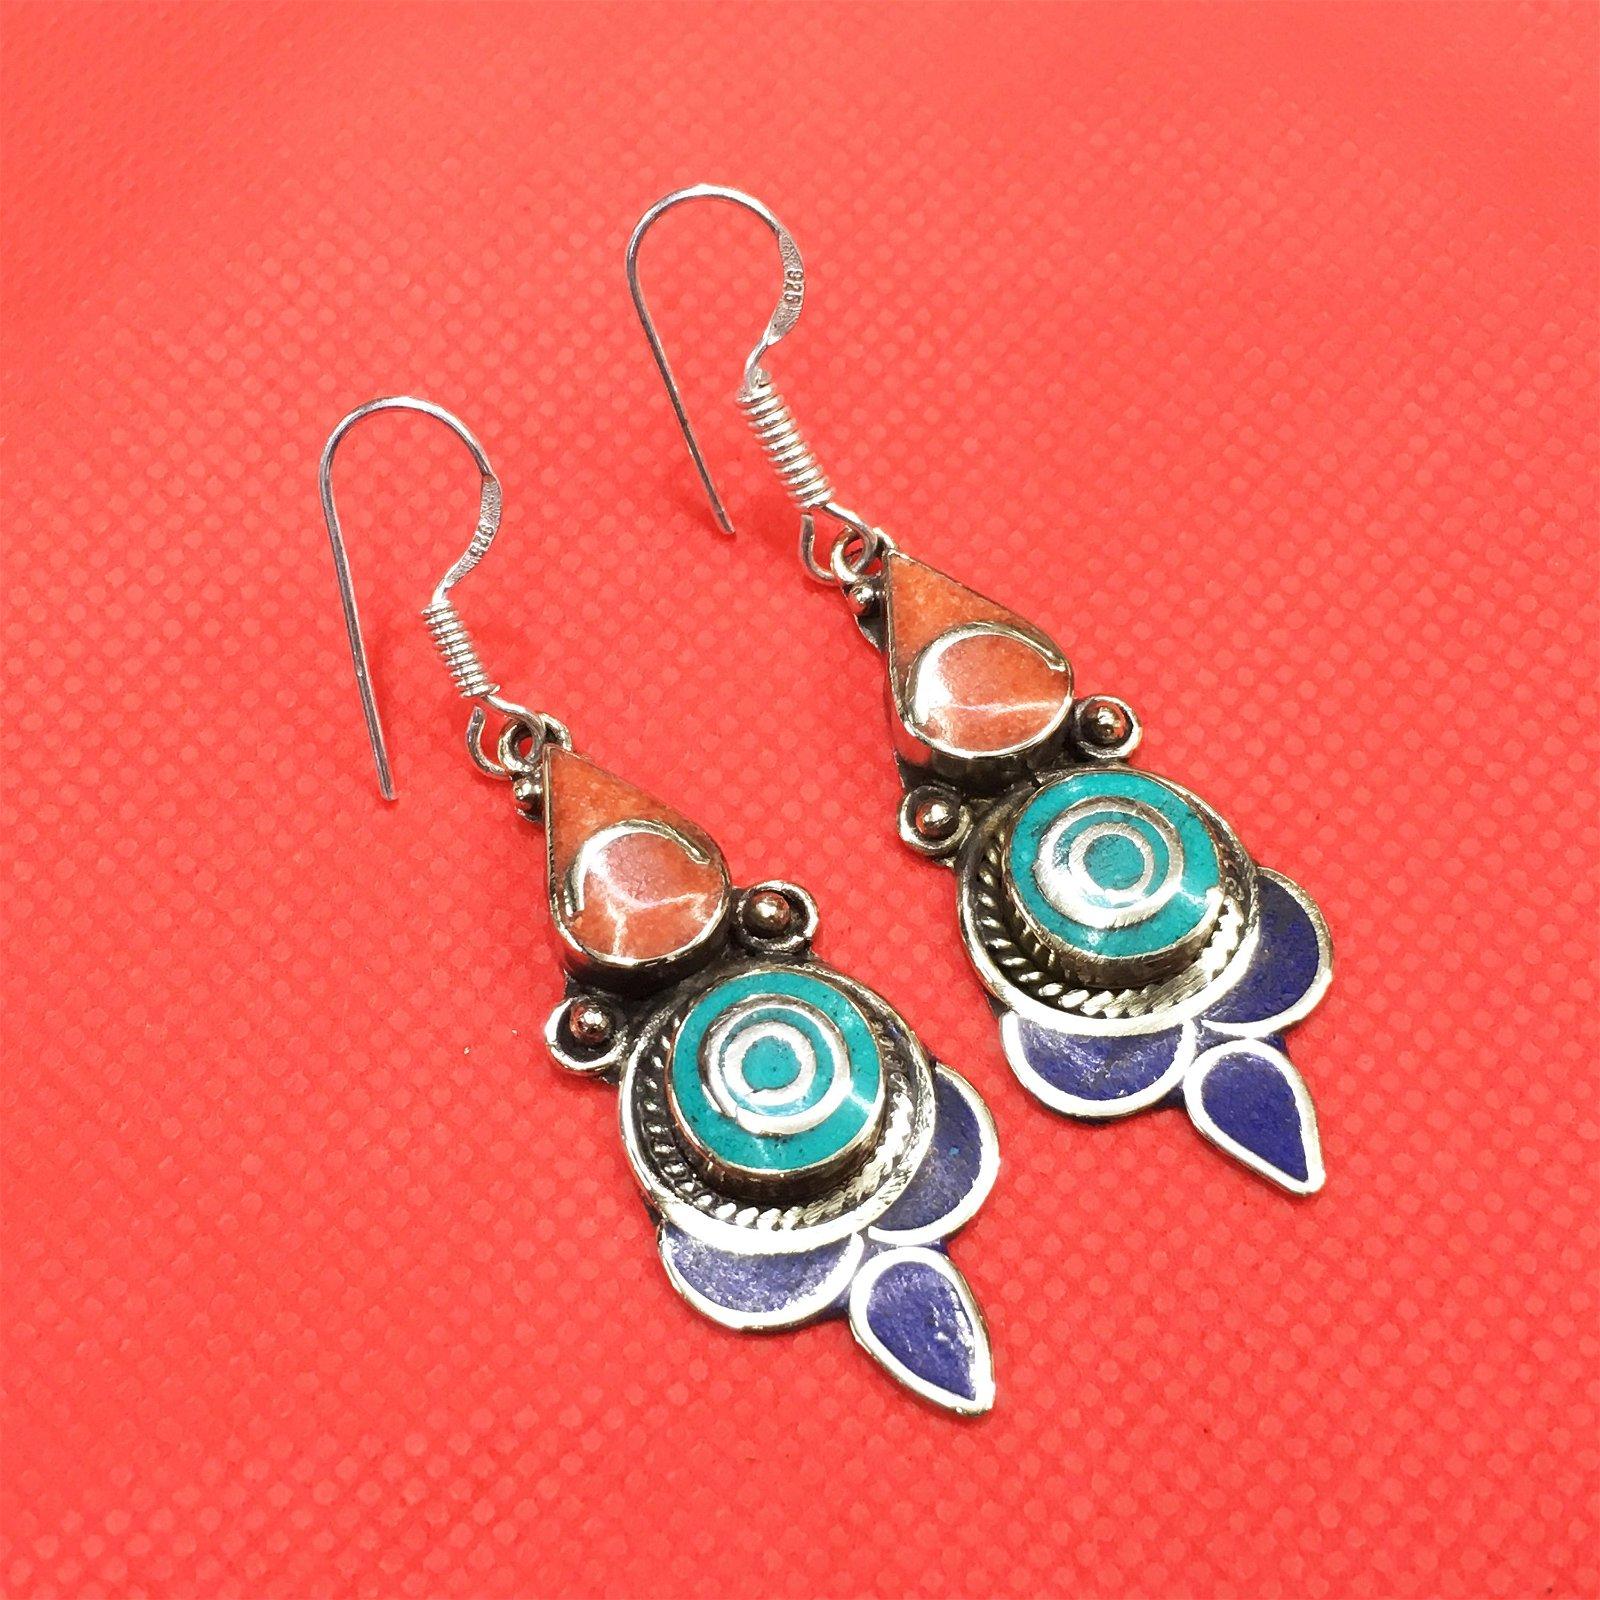 Tibetan Turquoise & Coral Handmade Ethnic Earrings